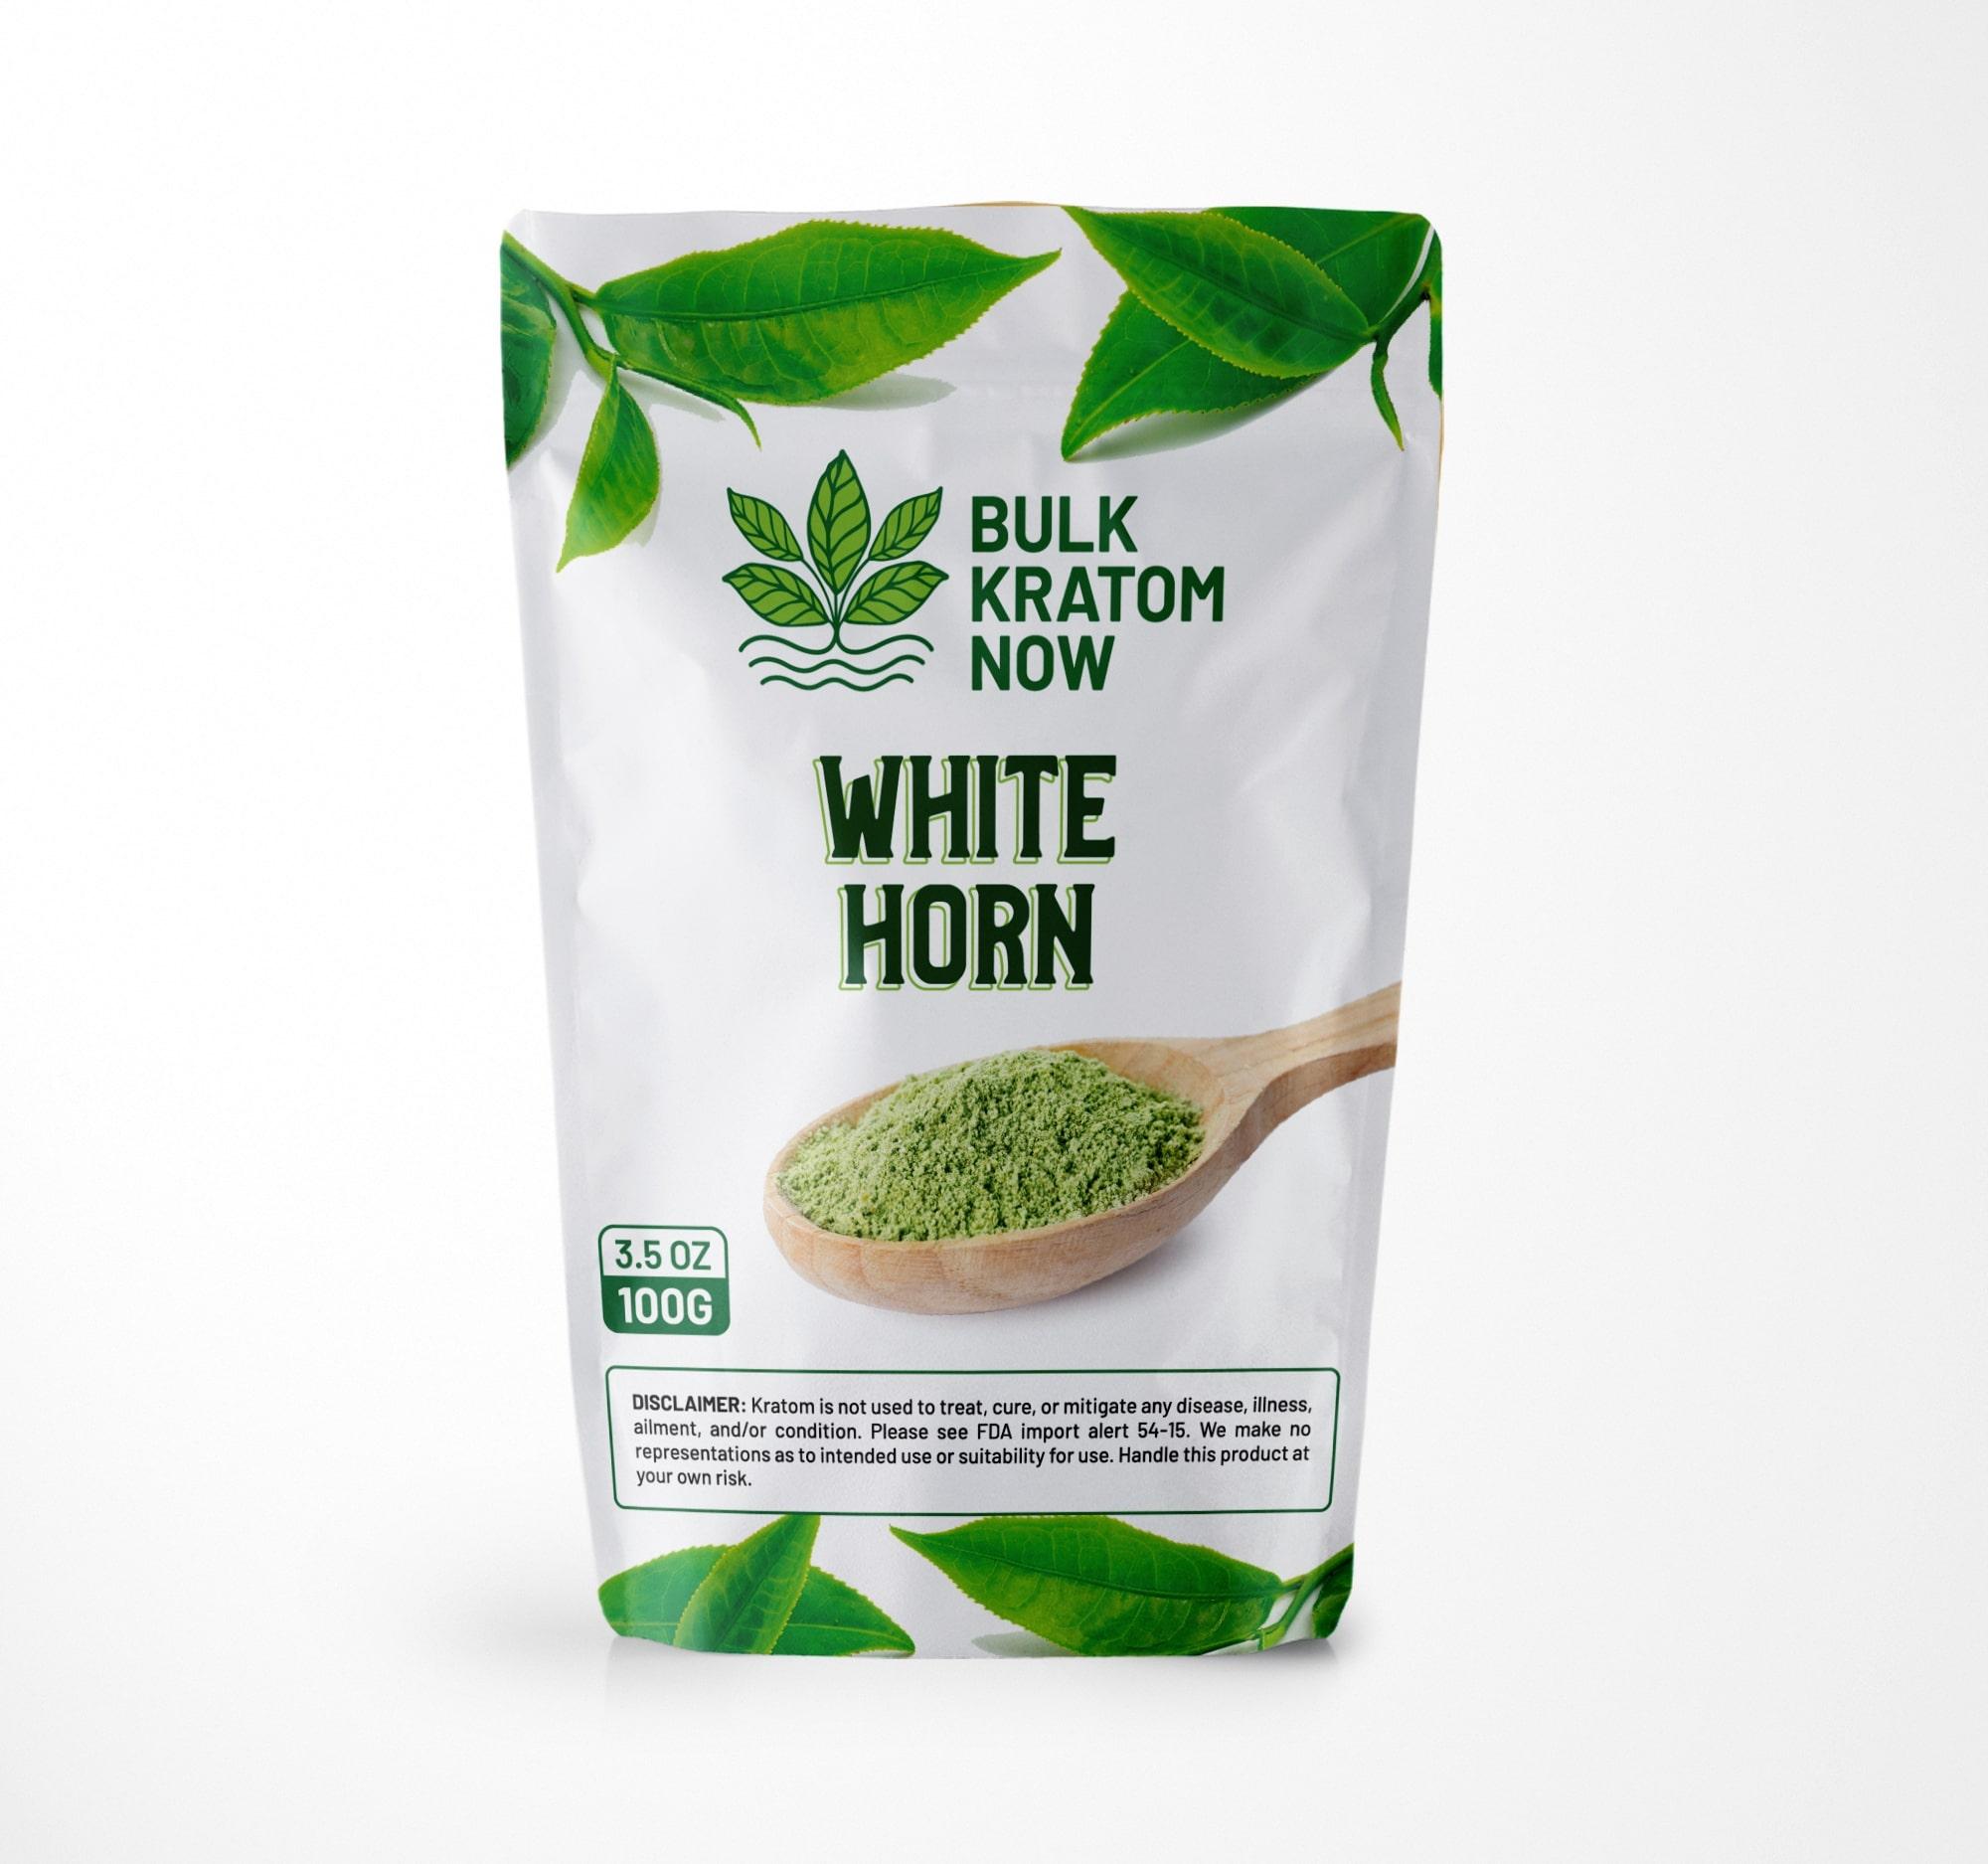 White Horn Bulk Kratom